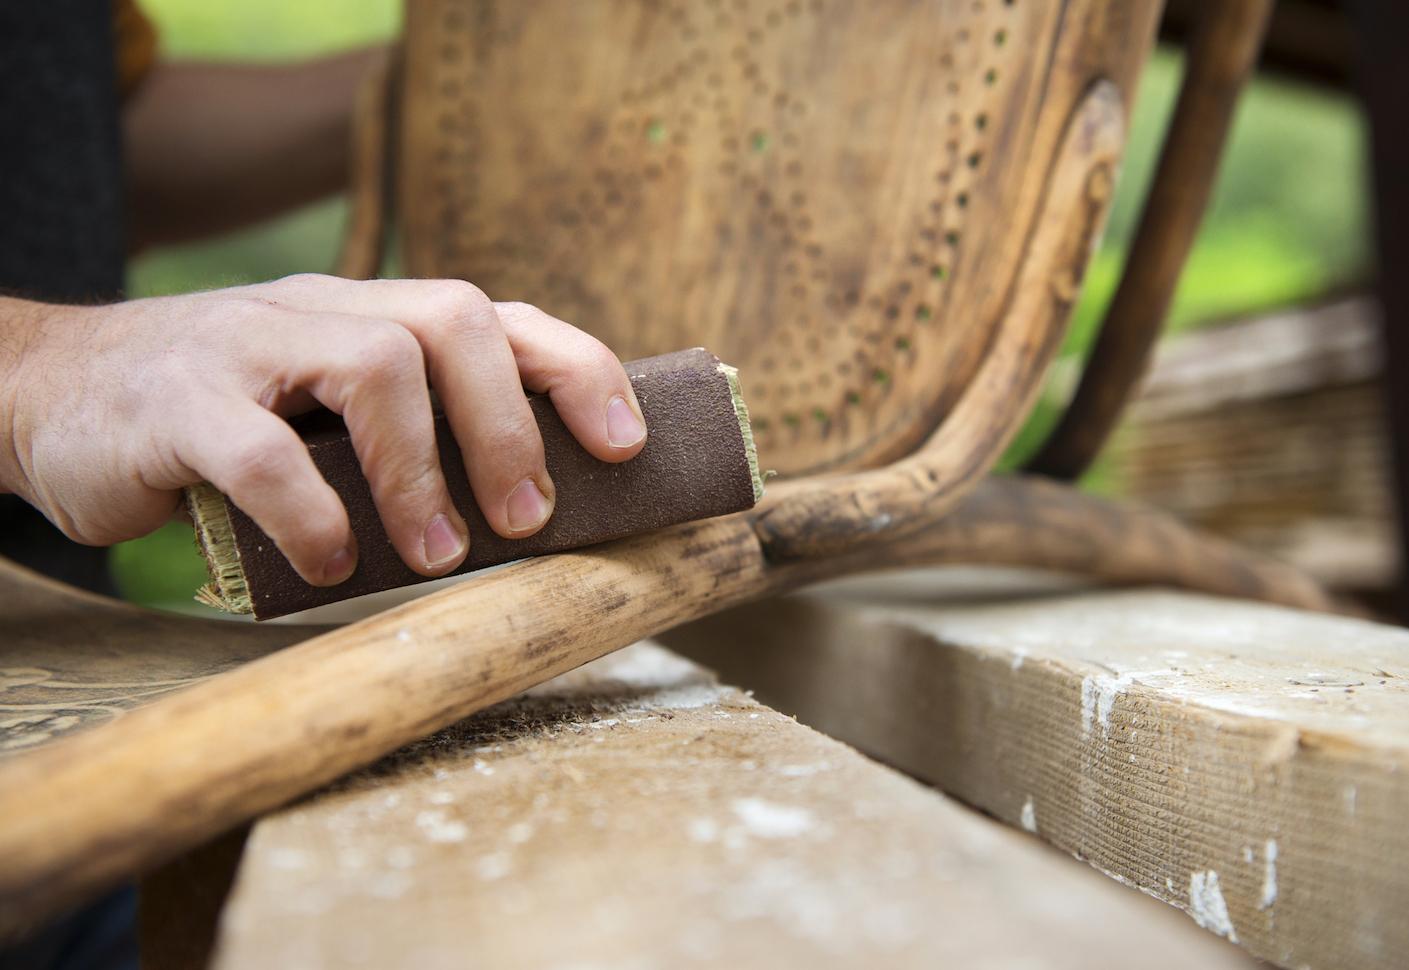 hombre-lijando-la-madera-de-una-silla